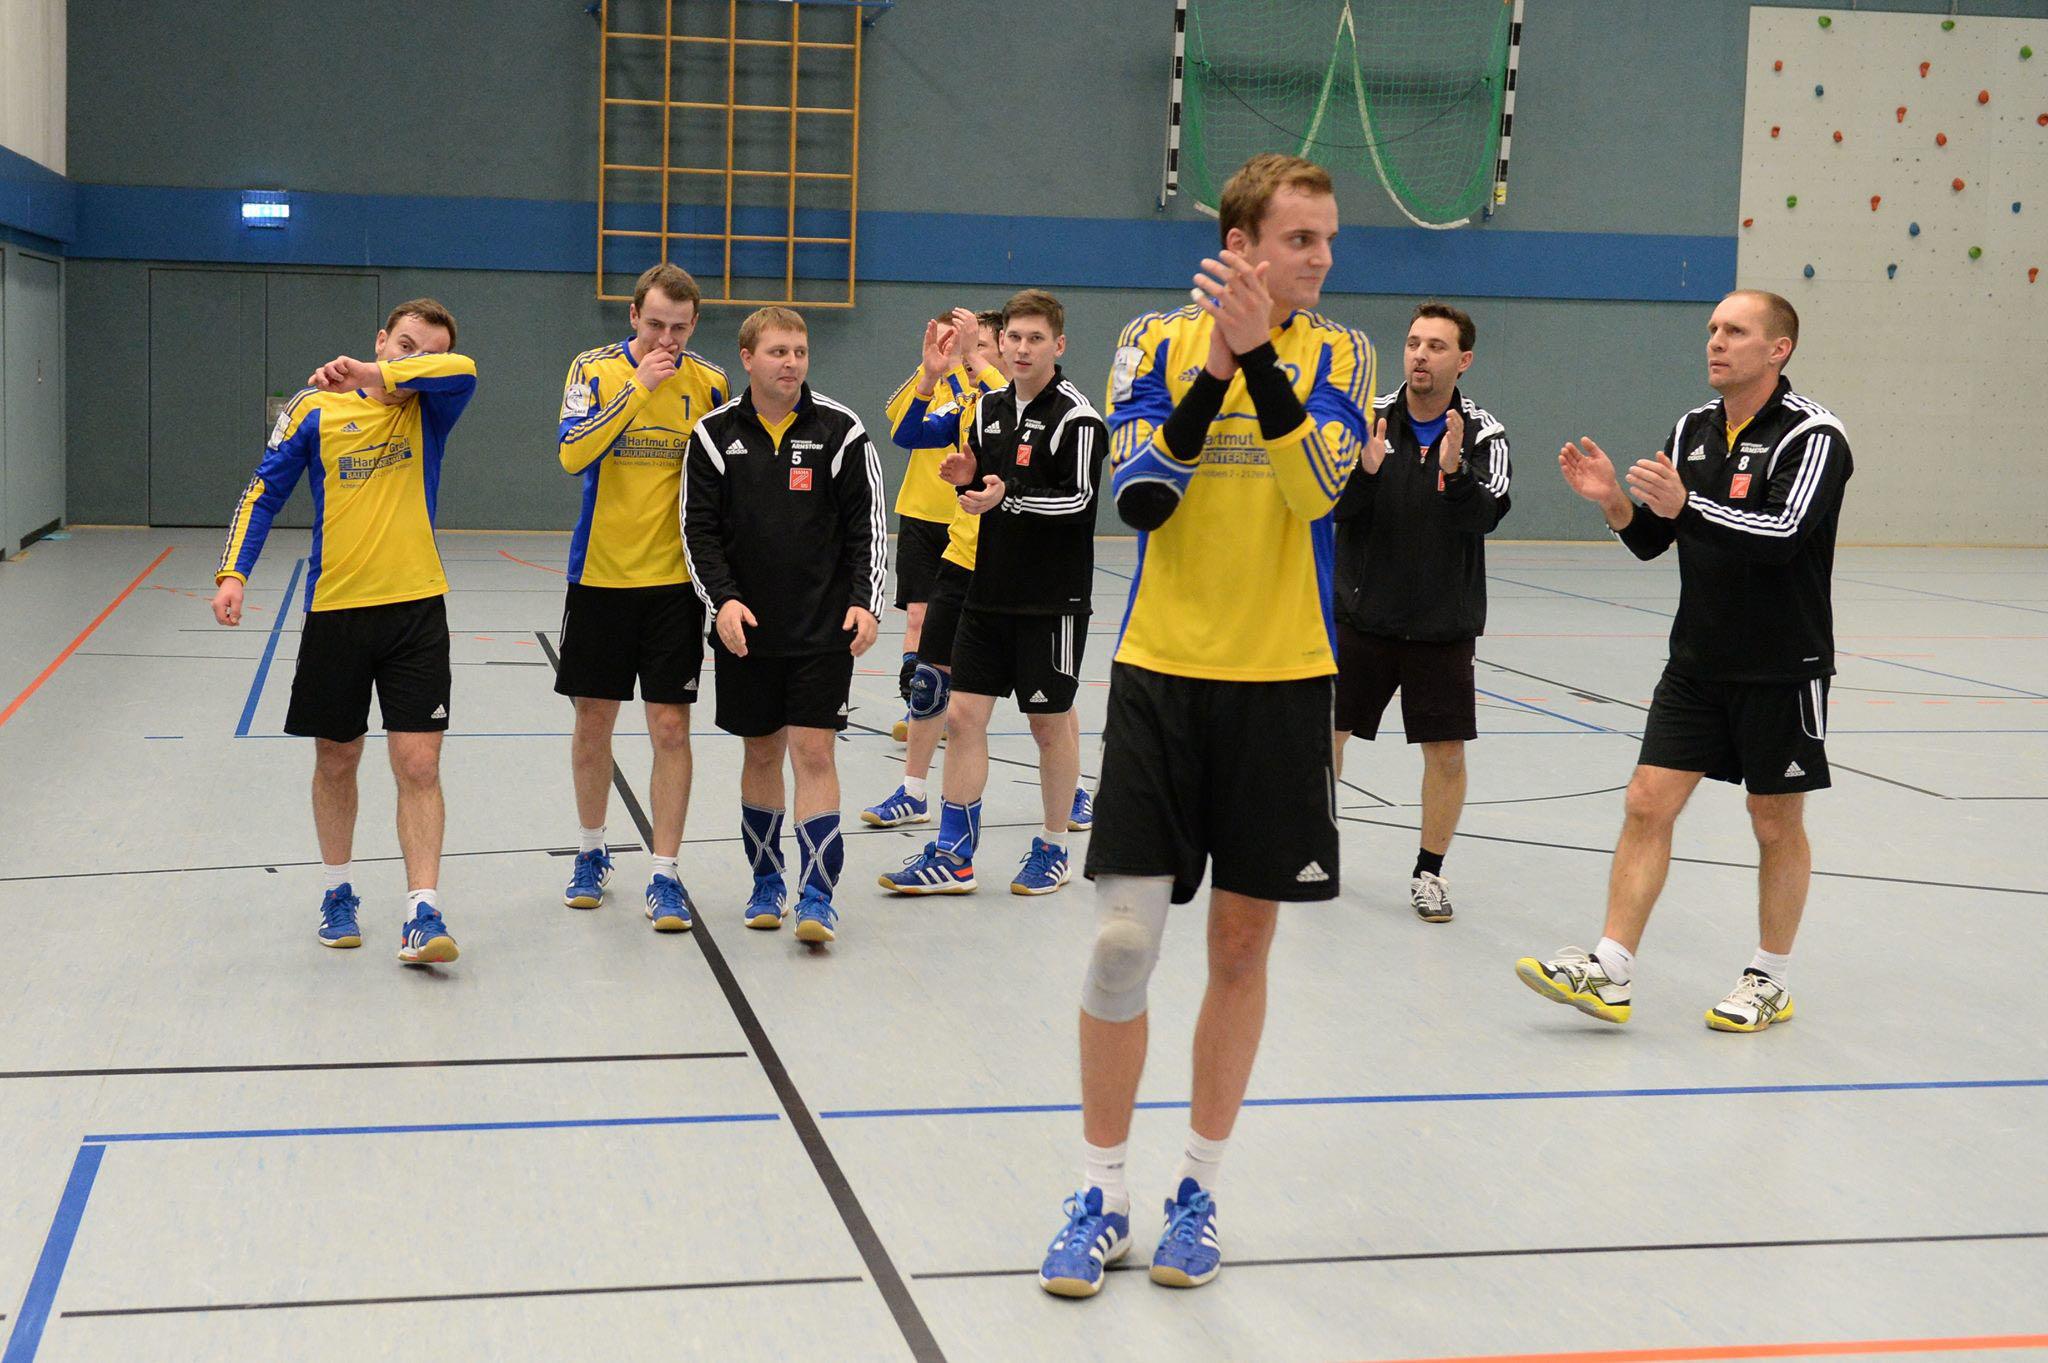 Applaus zum Jahresabschluss: Armstorf gewinnt klar gegen VfK Berlin (Foto: Thomas Schuldt)